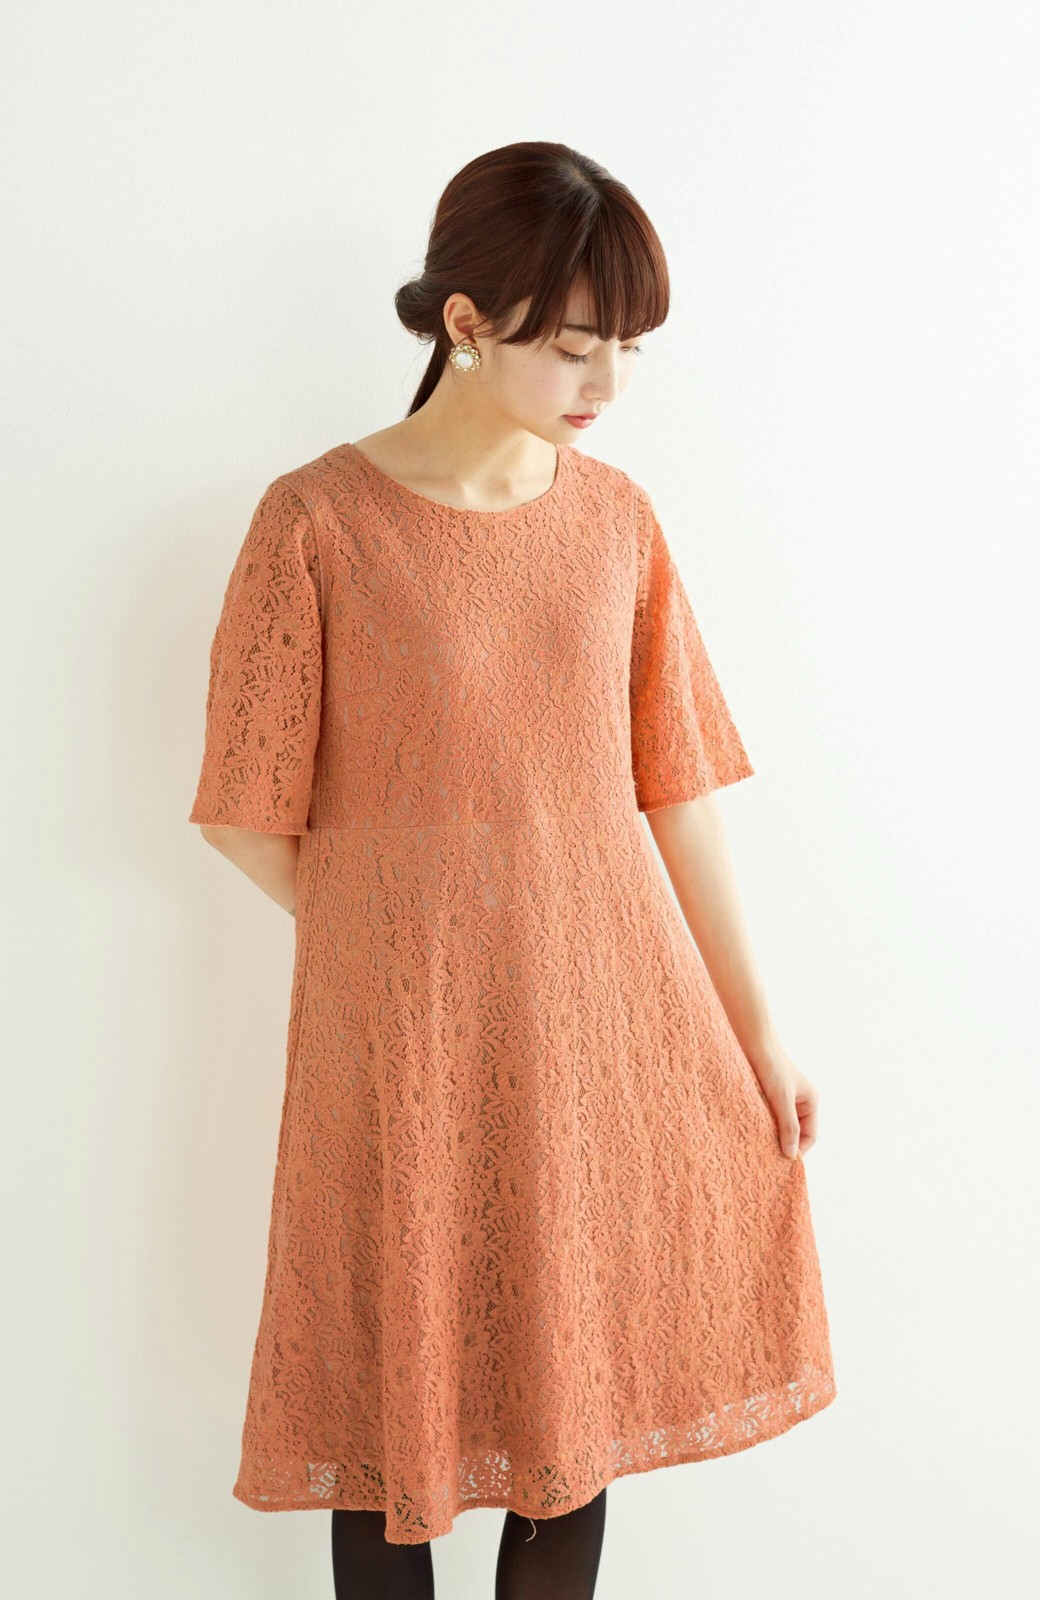 エムトロワ 結婚式にも便利 1枚で着てきれいなレースワンピース <オレンジ>の商品写真8